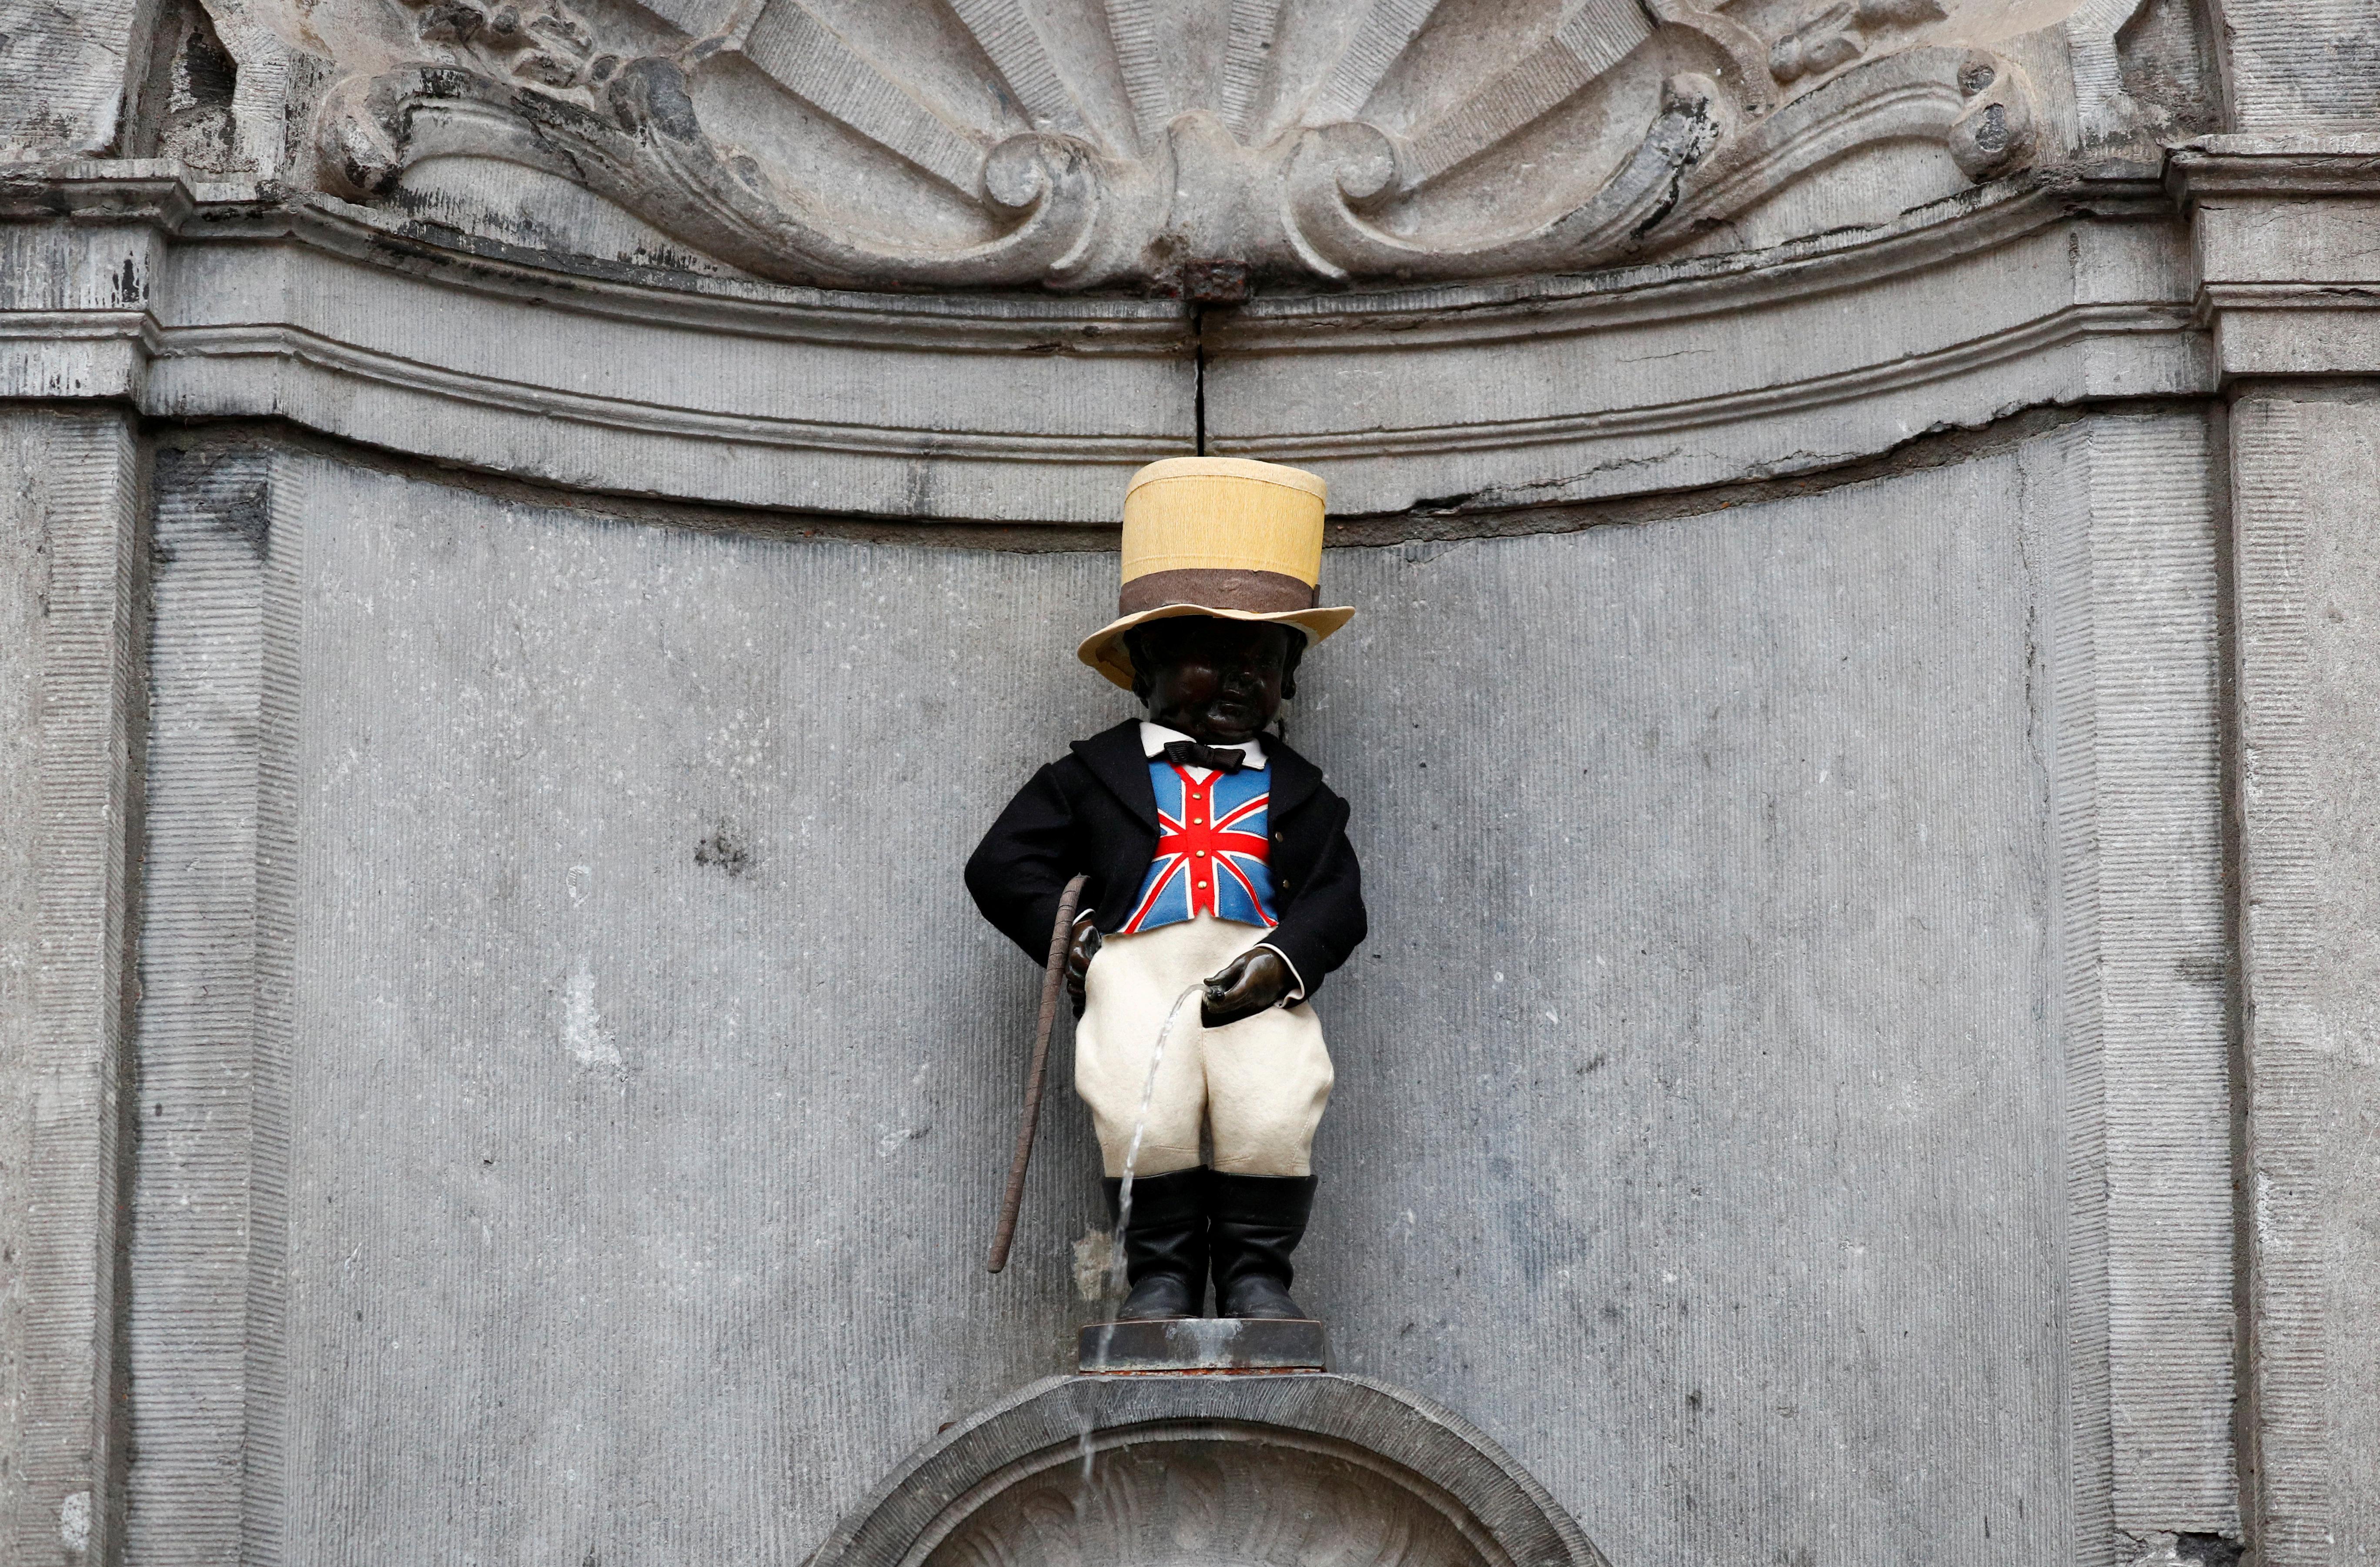 A estátua de Manneken Pis está vestida com um pano com o padrão da bandeira britânica para celebrar a amizade entre a Bélgica e a Grã-Bretanha em Bruxelas.